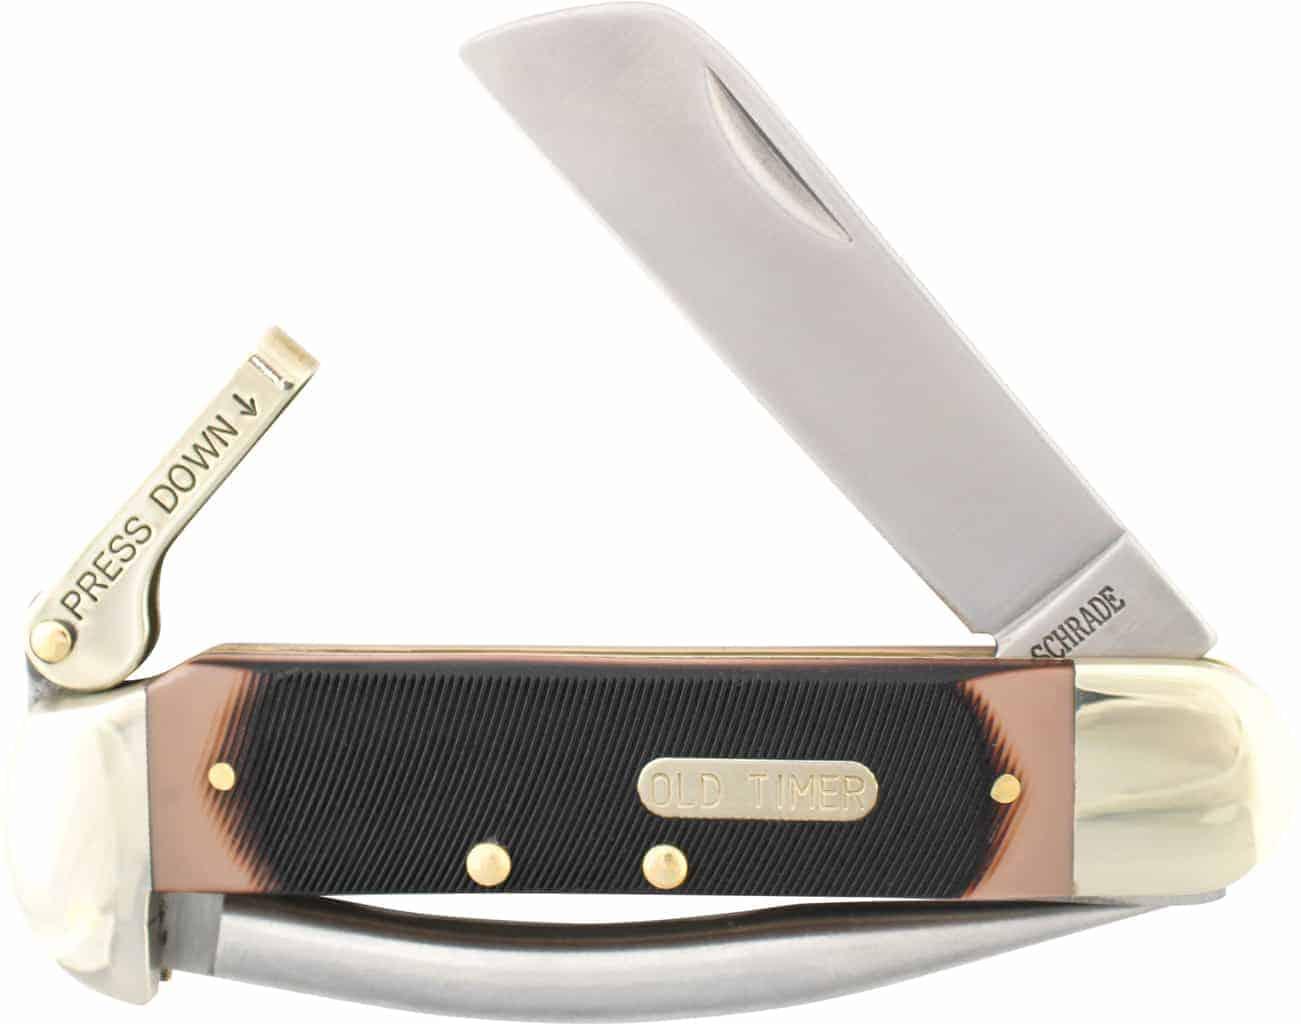 735OT- Old Timer® Mariner Lever Lock Folding Pocket Knife